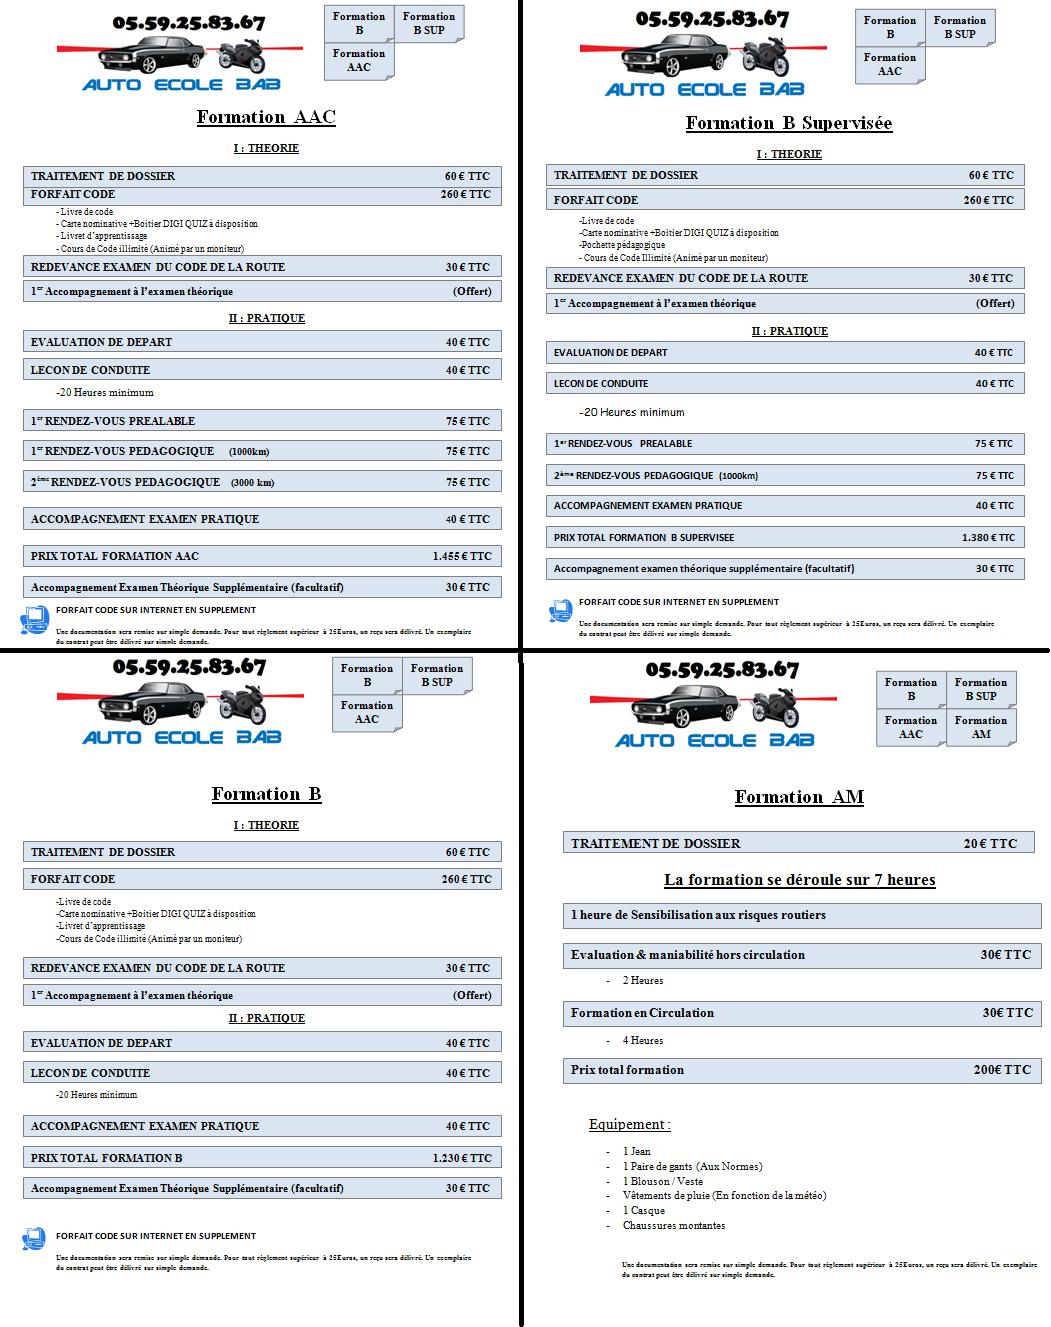 Formations et tarifs auto ecole bab anglet for Reglement interieur auto ecole